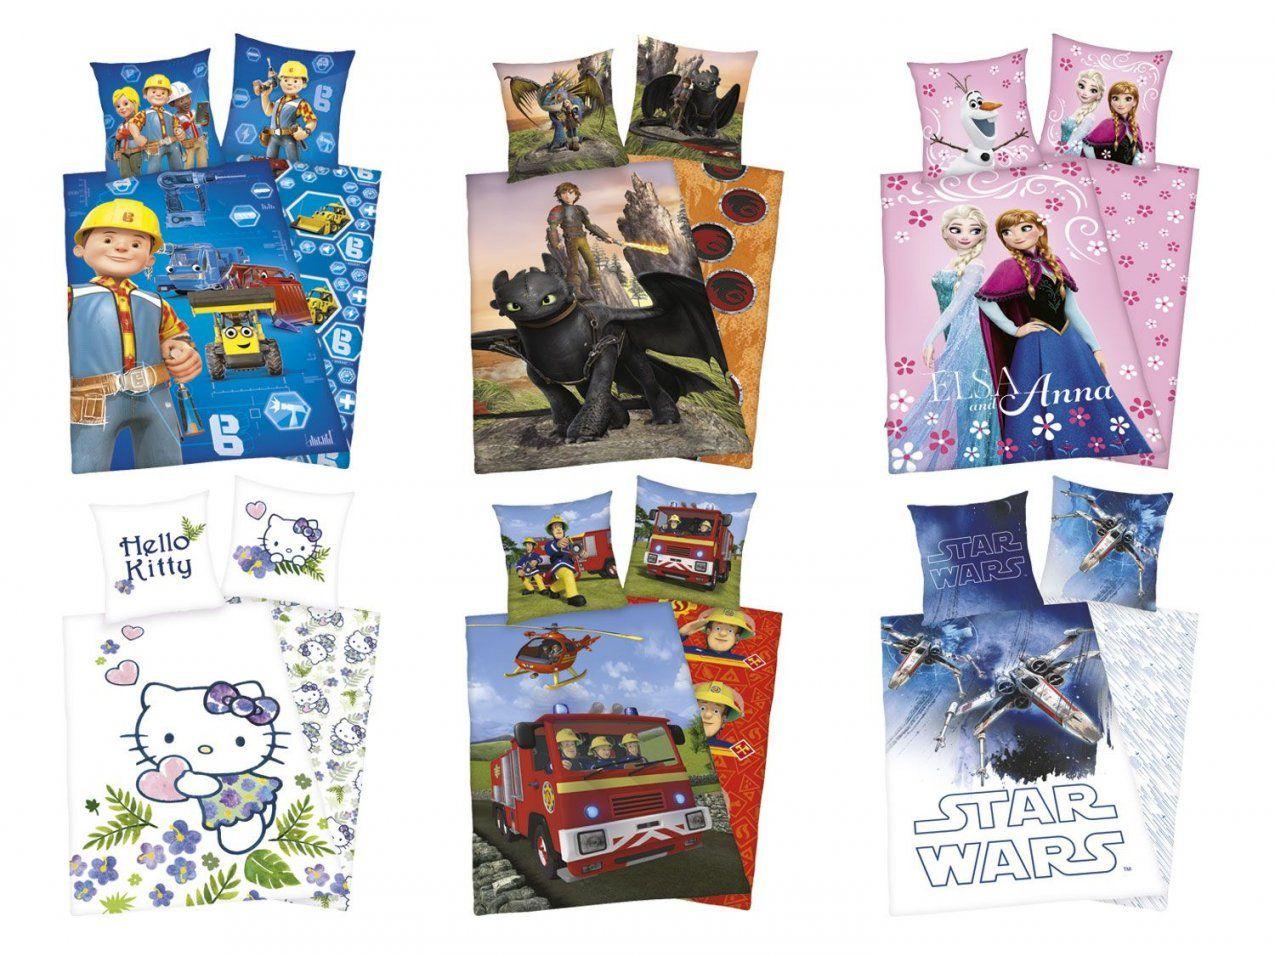 Kinder Renforcéwendebettwäsche 135X200Cm  Lidl Deutschland  Lidl von Star Wars Bettwäsche Lidl Bild